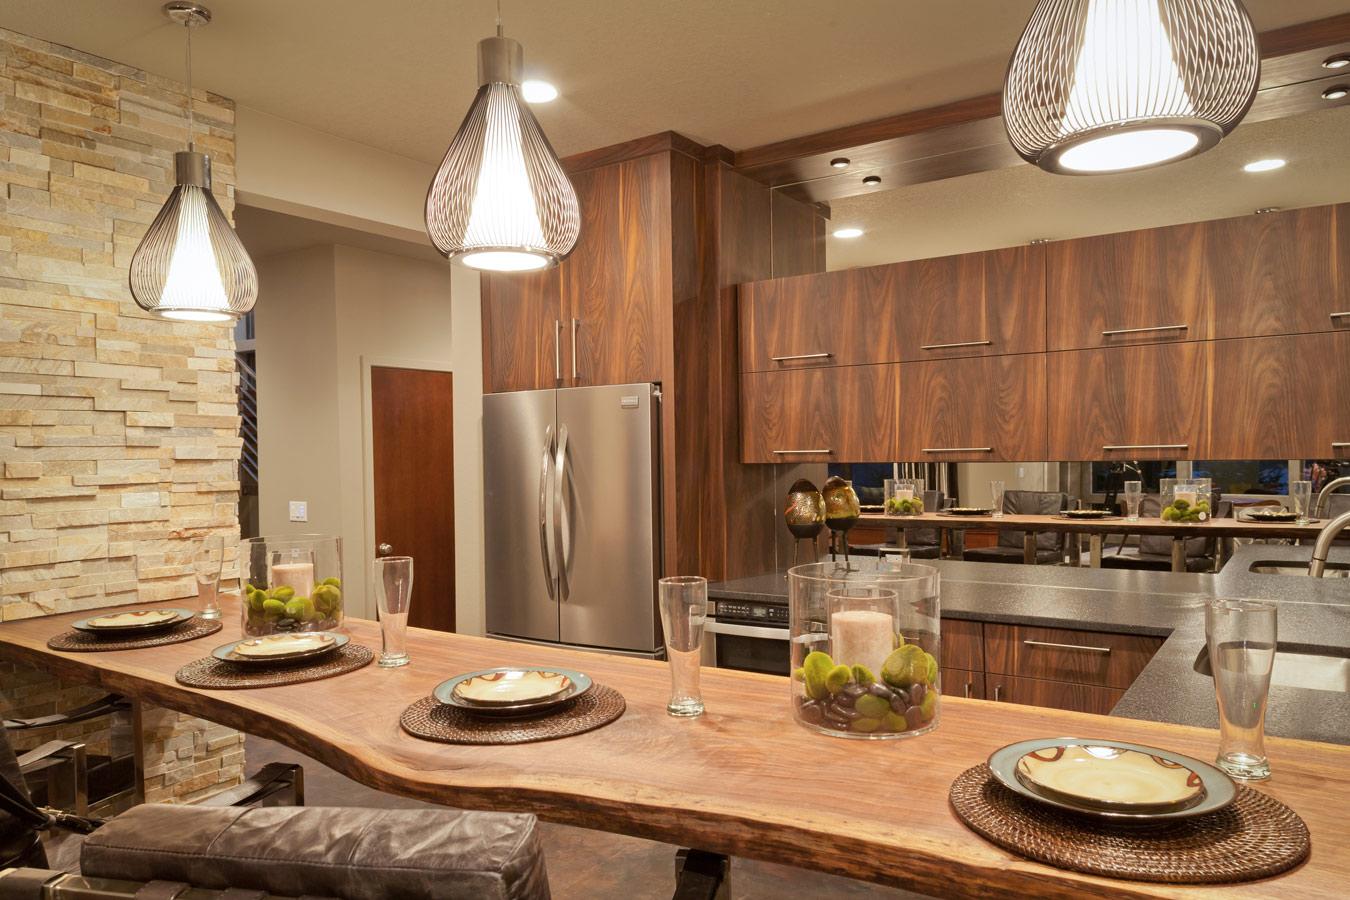 Keuken Ontwerpen Tips : Keuken Ontwerpen Tips : Een keuken ontwerpen Tips en inspiratie Fotos